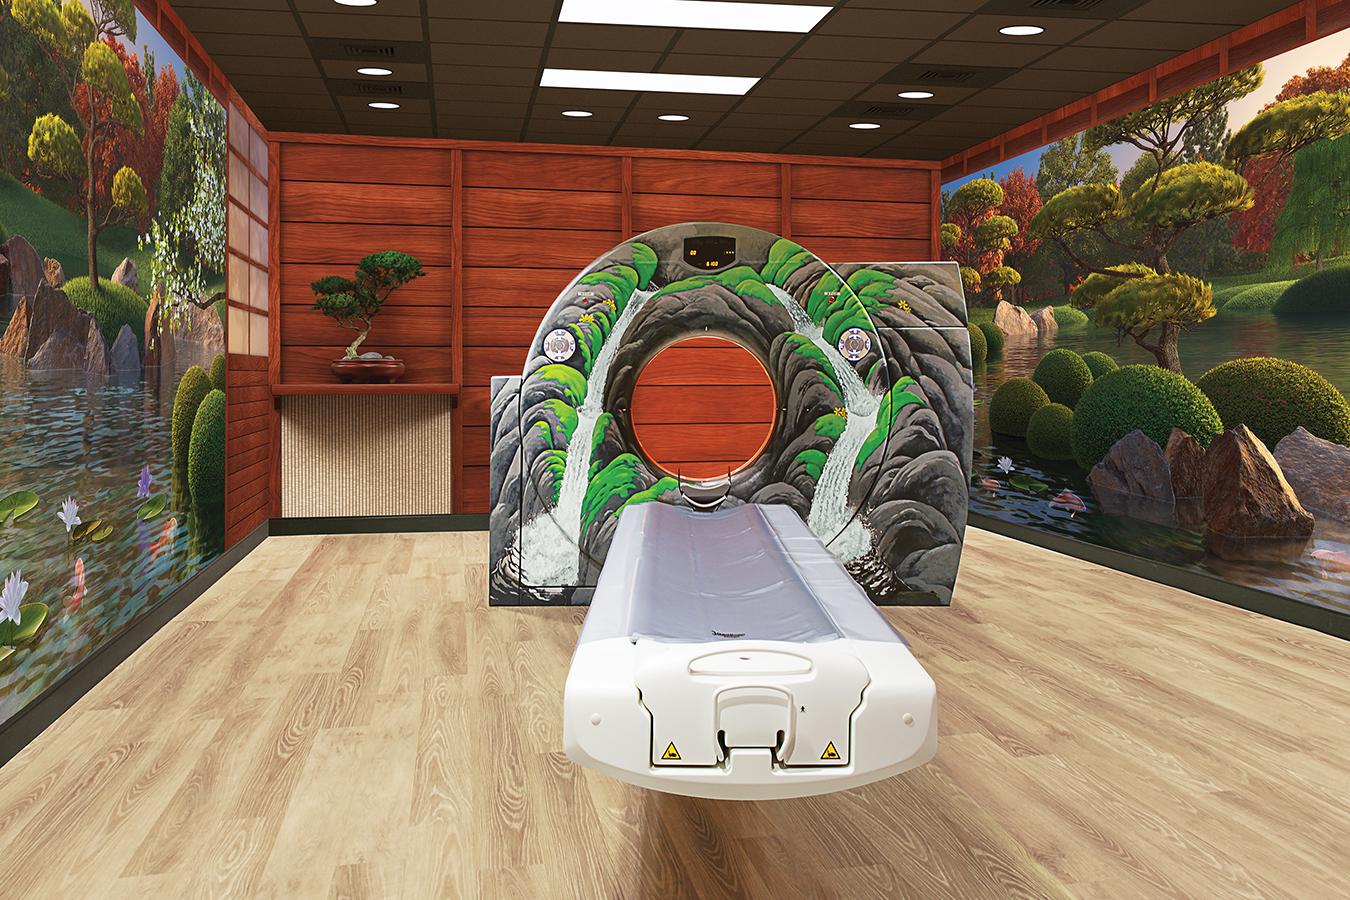 Zen Water Garden Themed CT Room